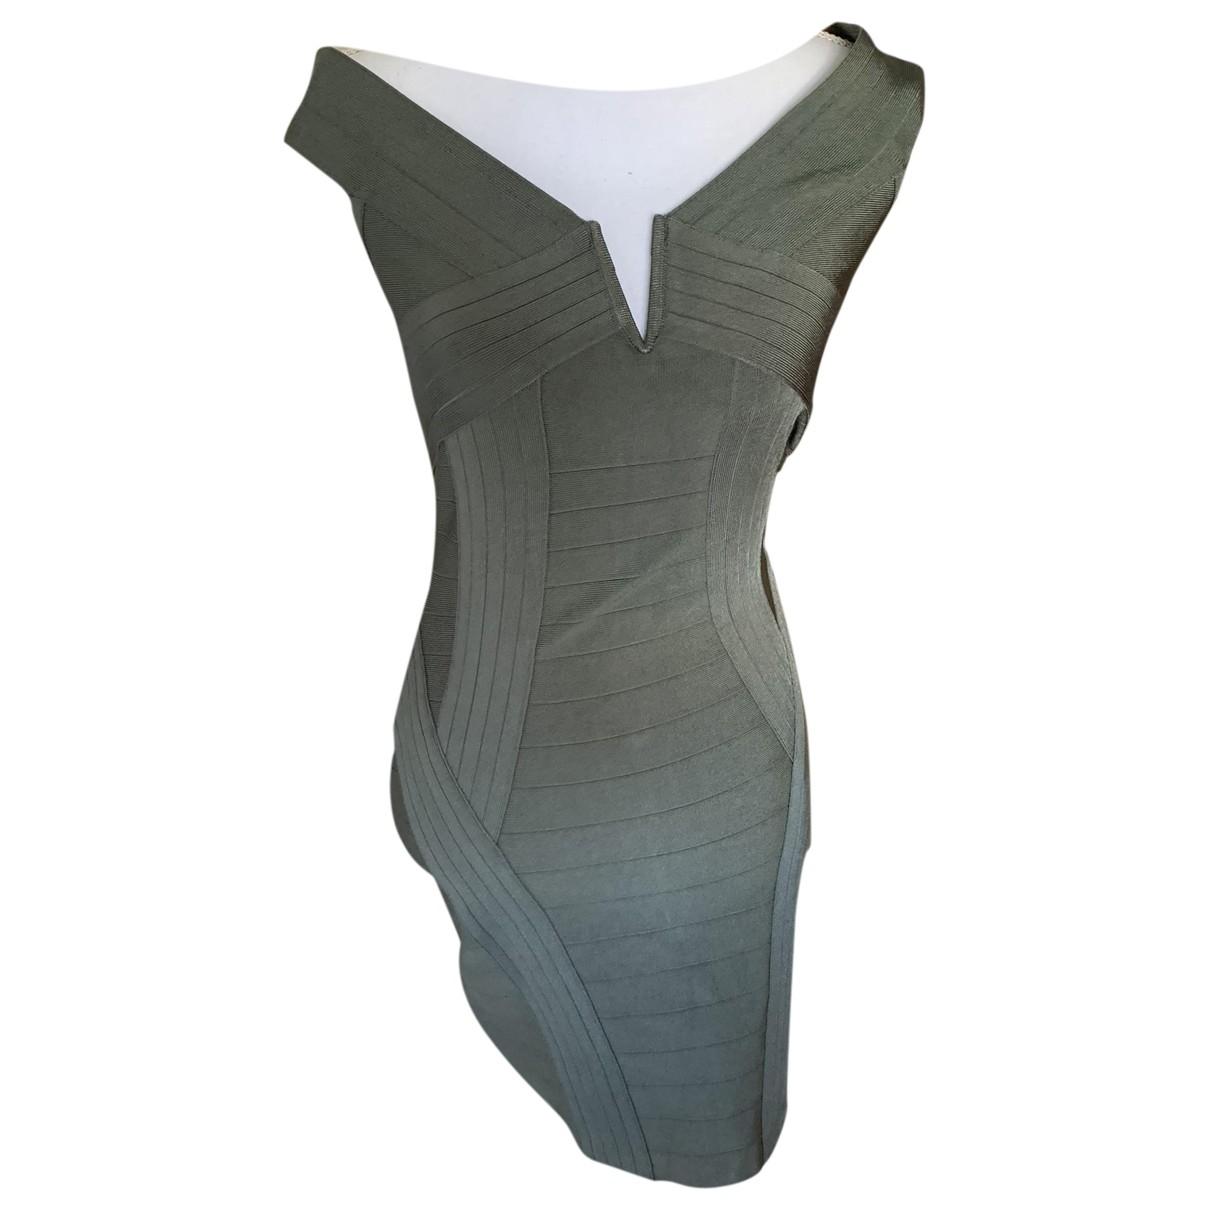 Guess \N Kleid in  Khaki Baumwolle - Elasthan